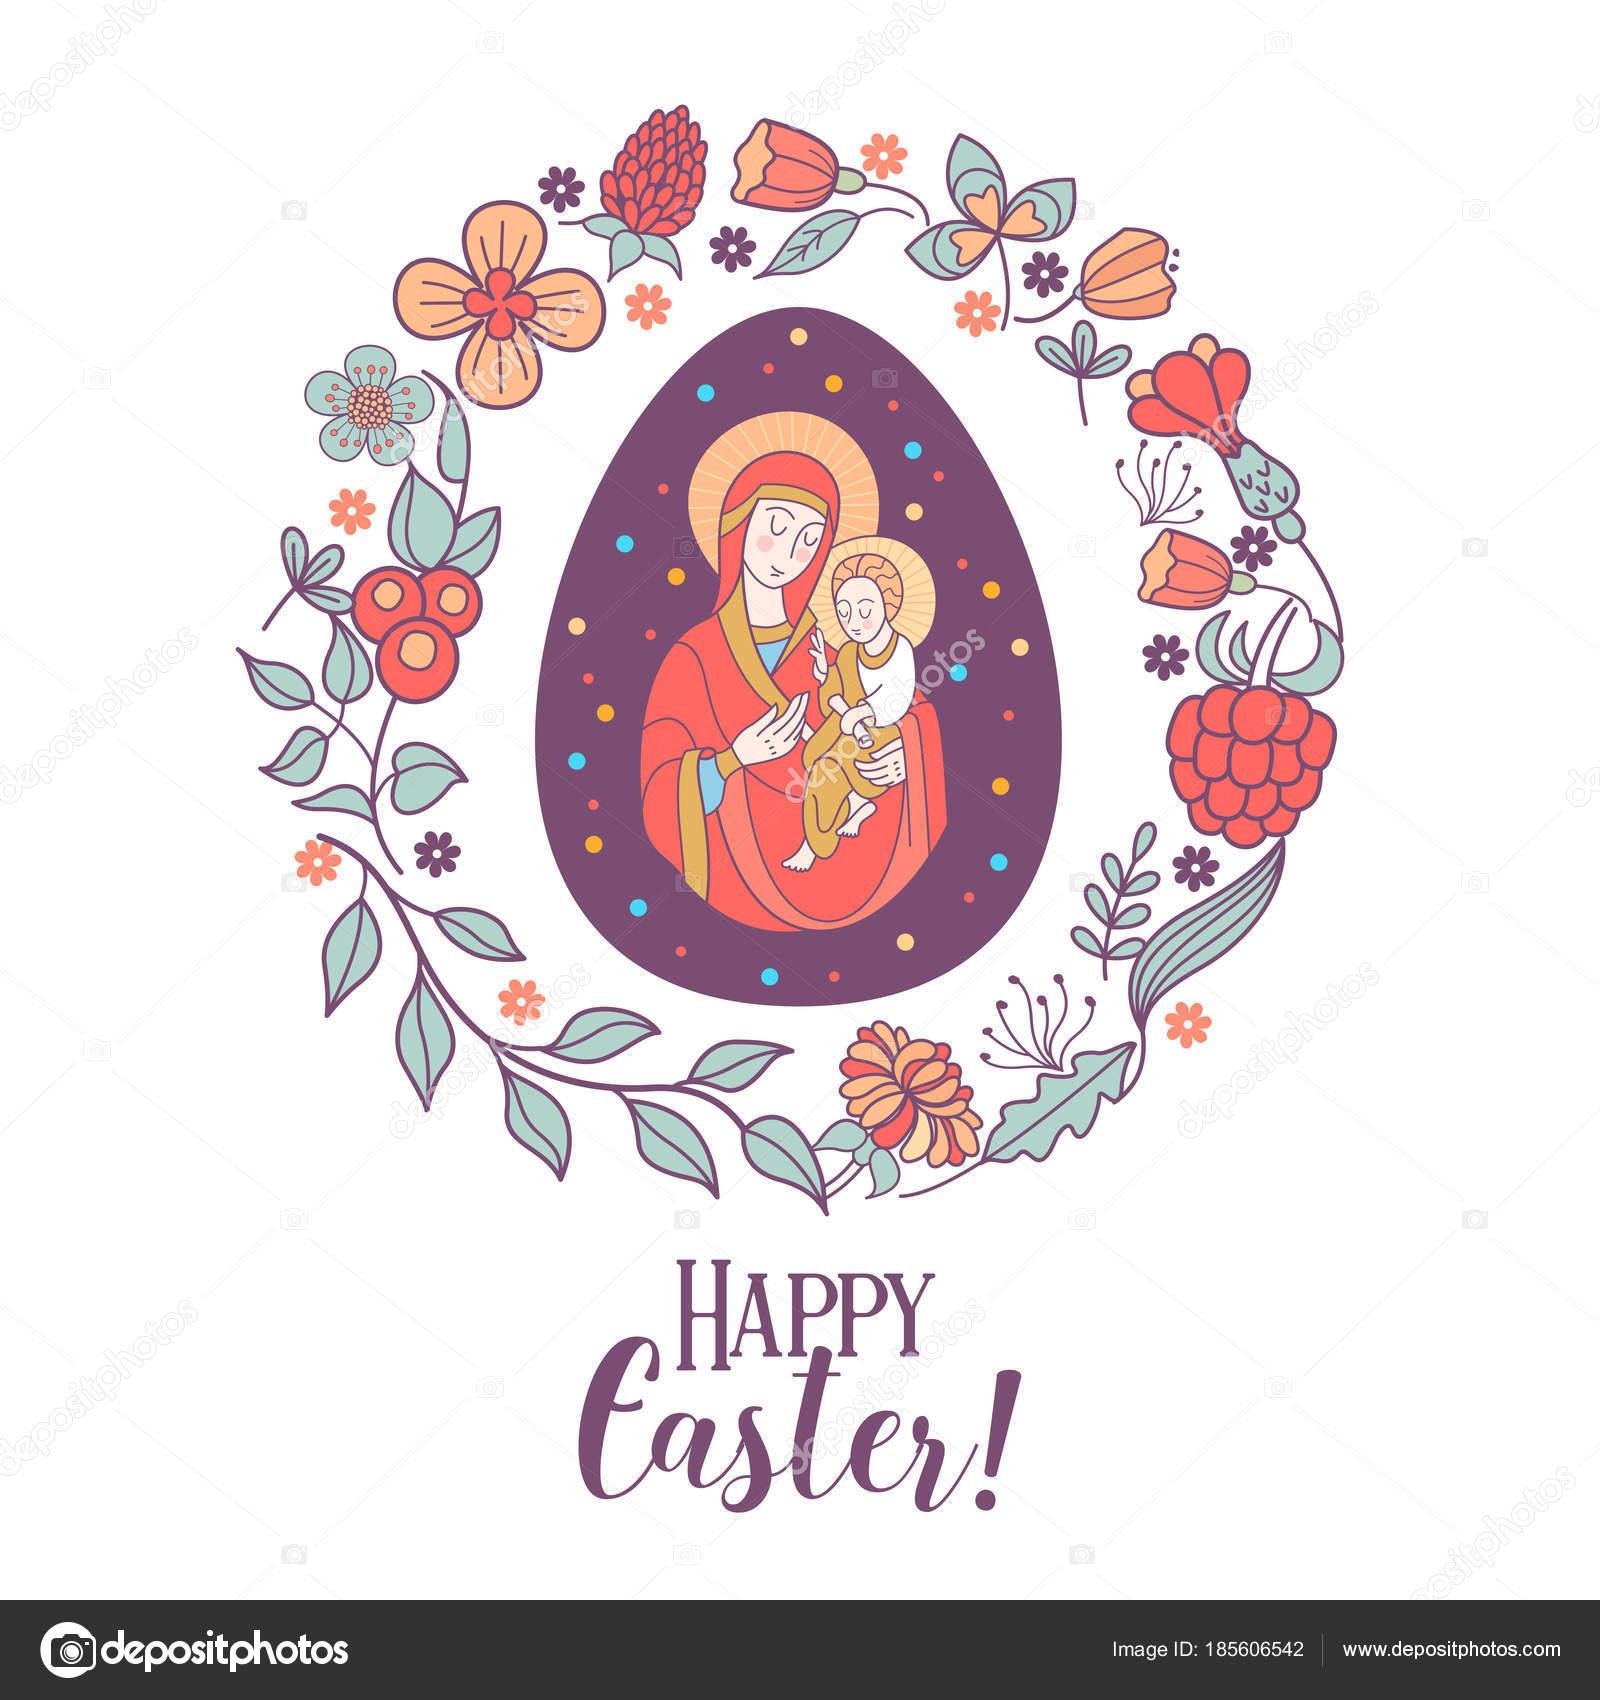 Feliz Pascua de resurrección! Ilustración de vector. La Virgen y ...